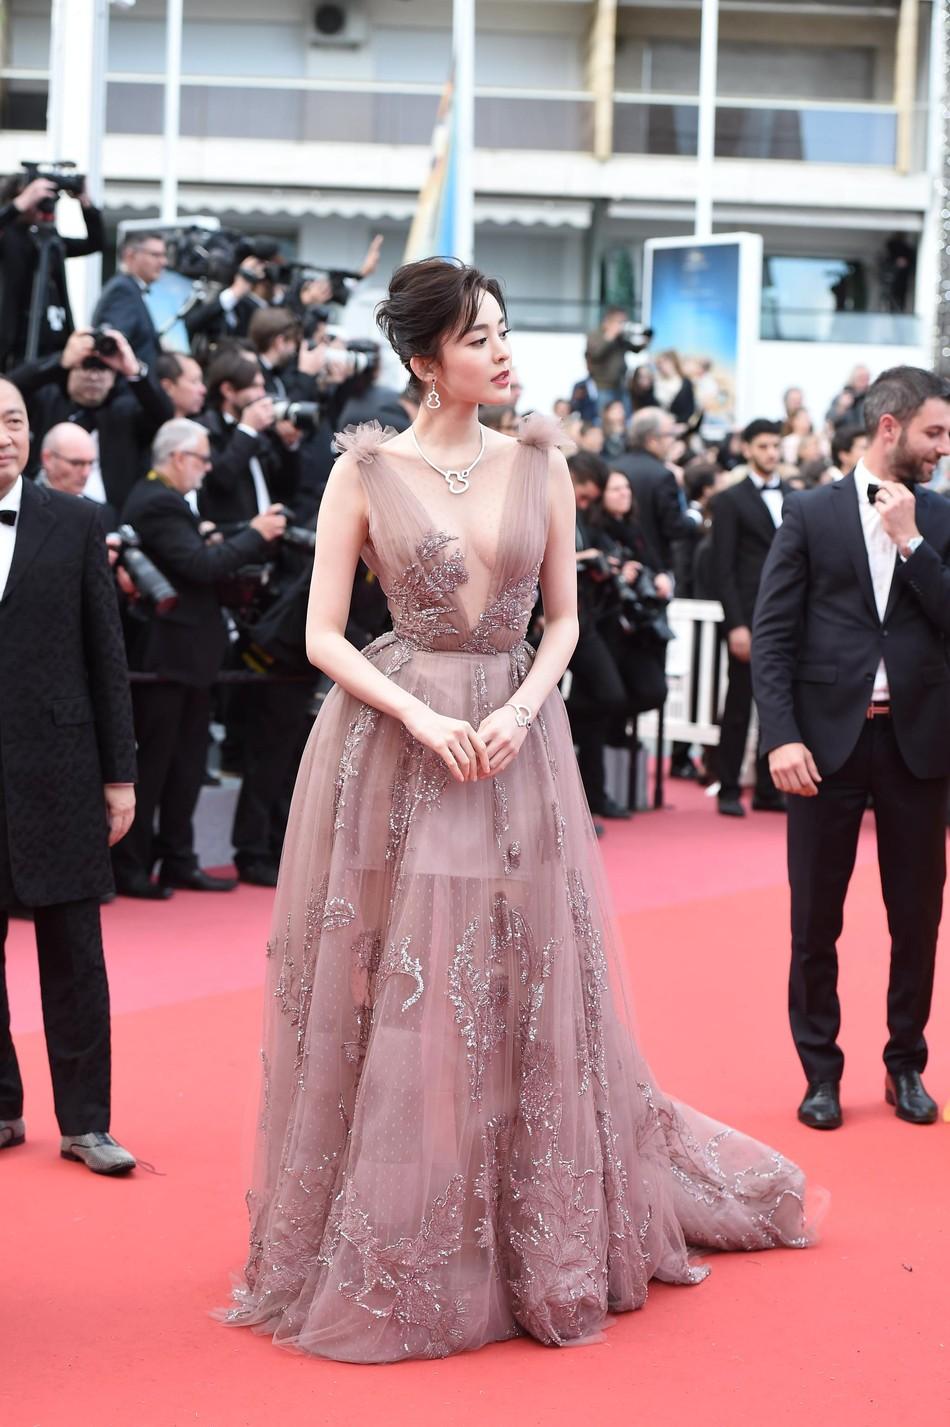 Vắng bóng Phạm Băng Băng, đây là mỹ nhân khiến dân tình trầm trồ vì đẹp đẳng cấp trong những ngày tại Cannes - Ảnh 4.